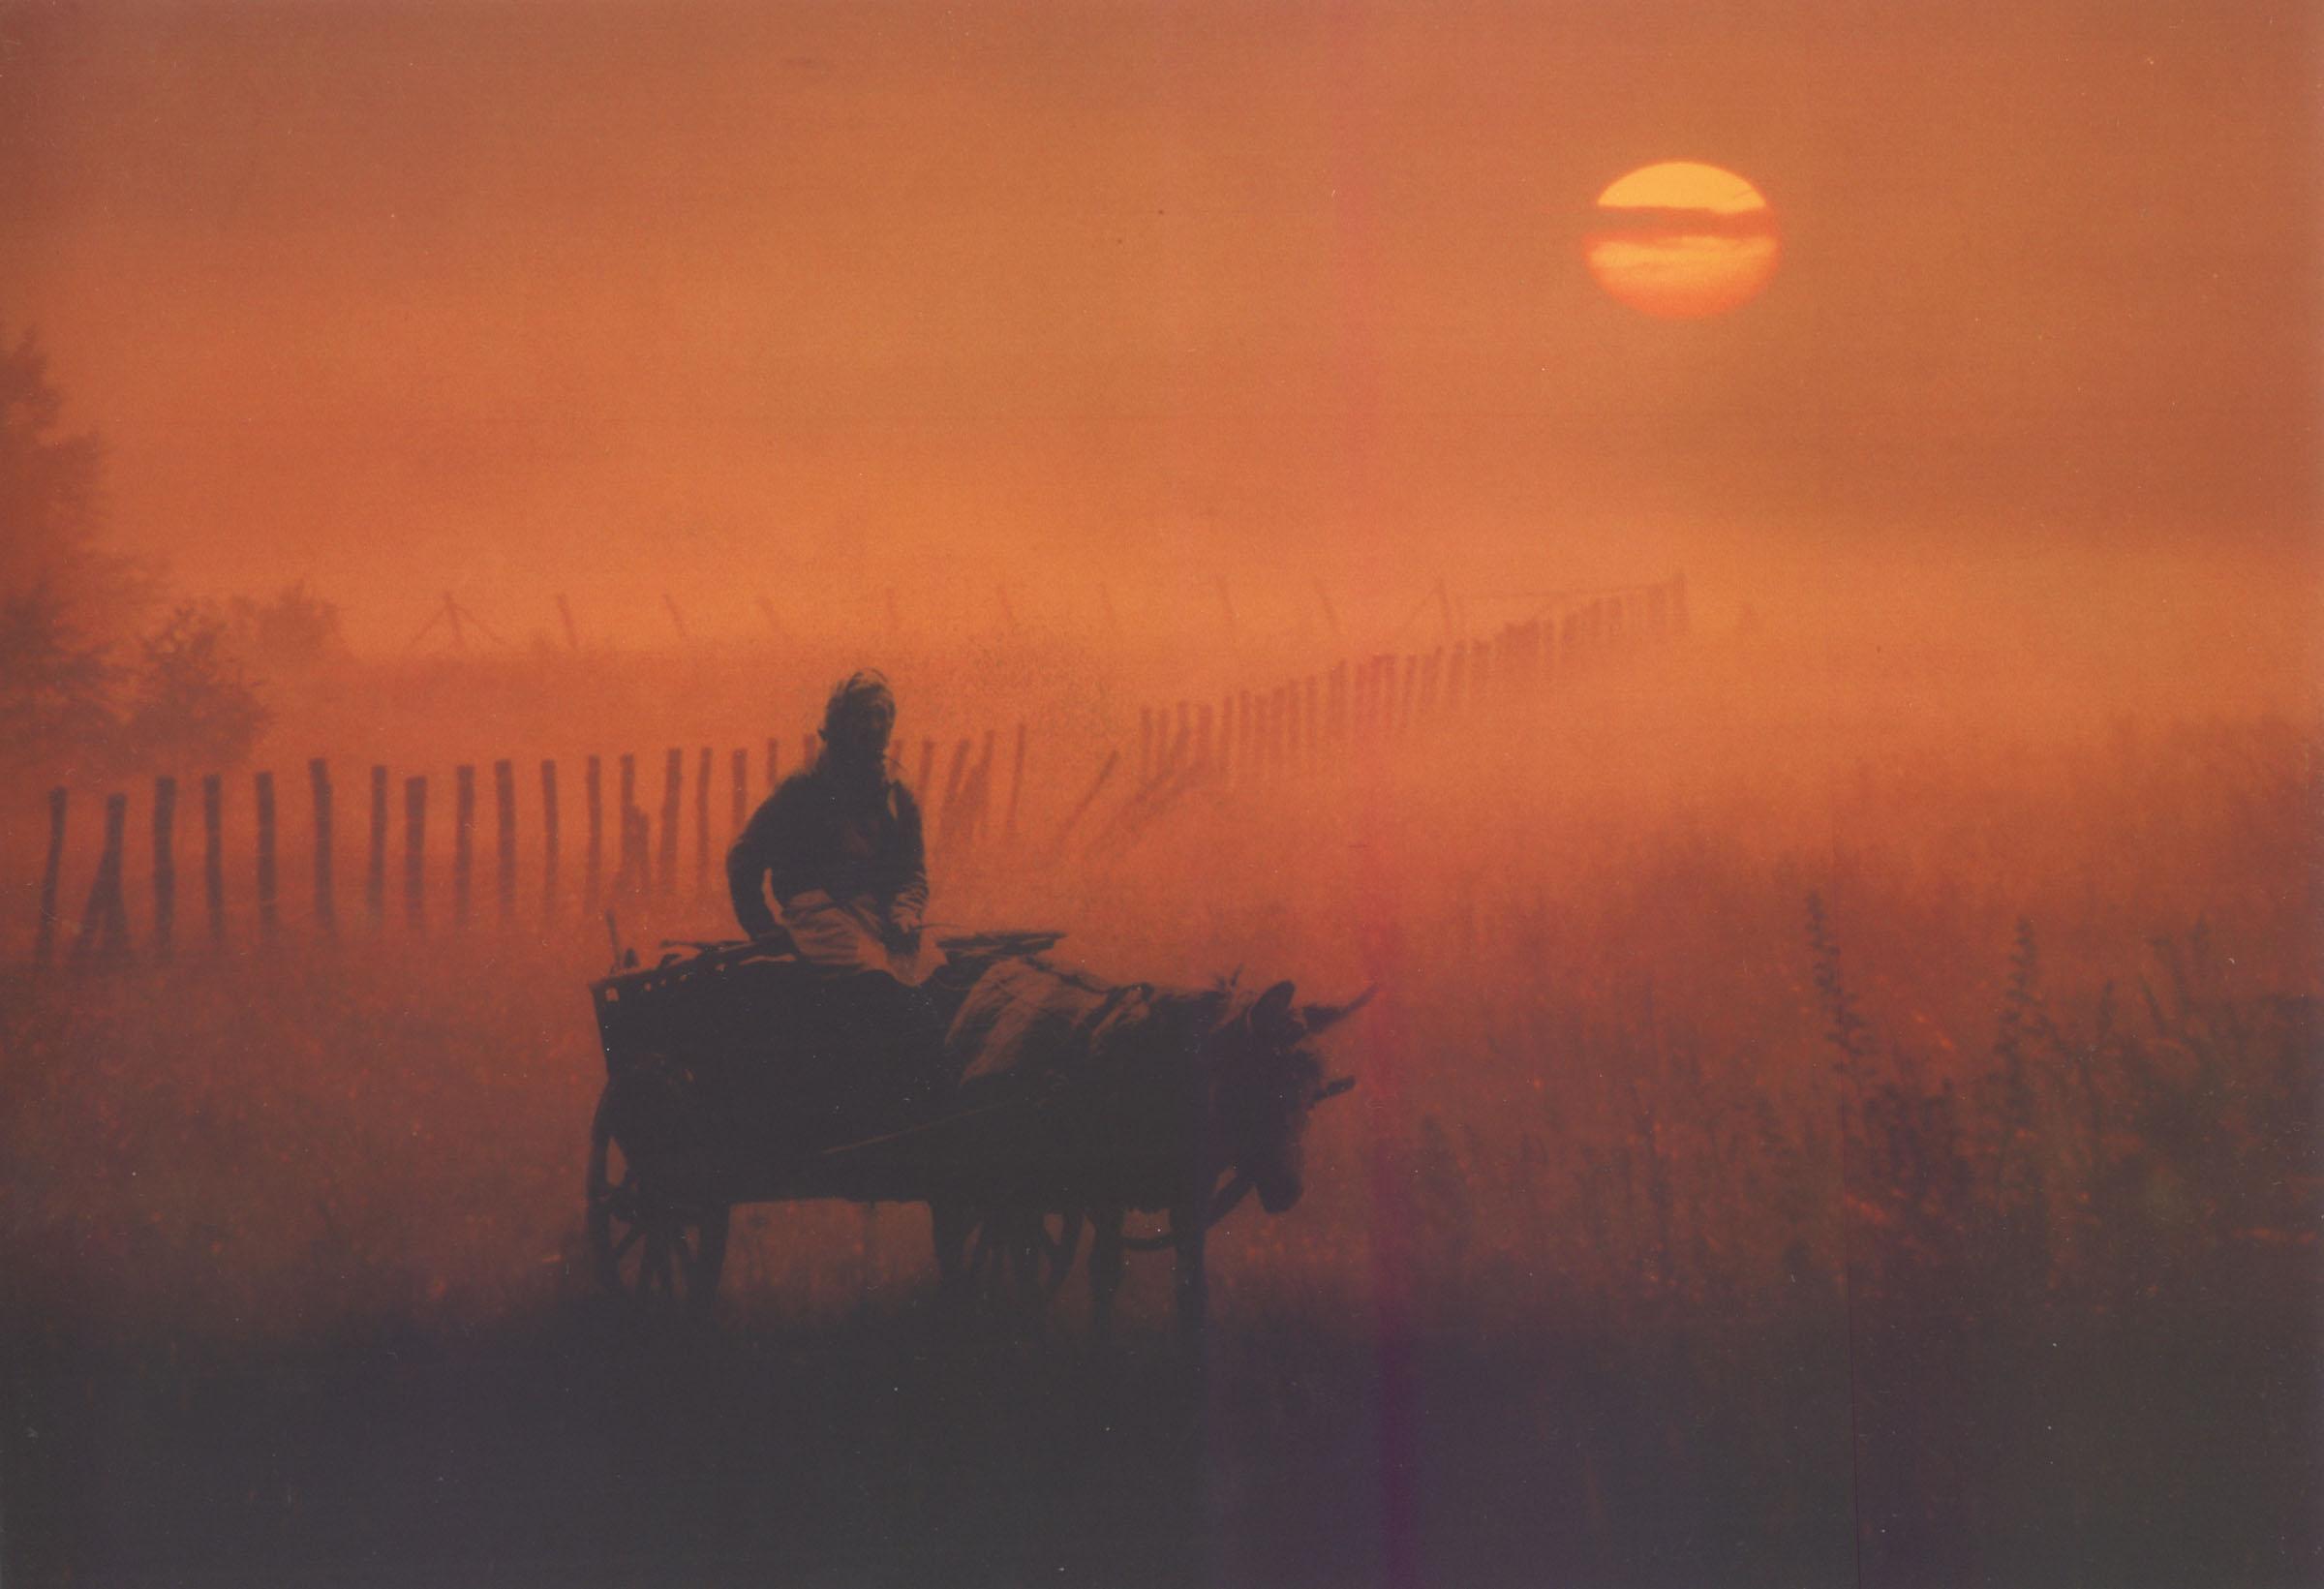 2004.09.18. Hétköznapok fotópályázat - Juhász Miklós - Ködös napfelkelte.jpg